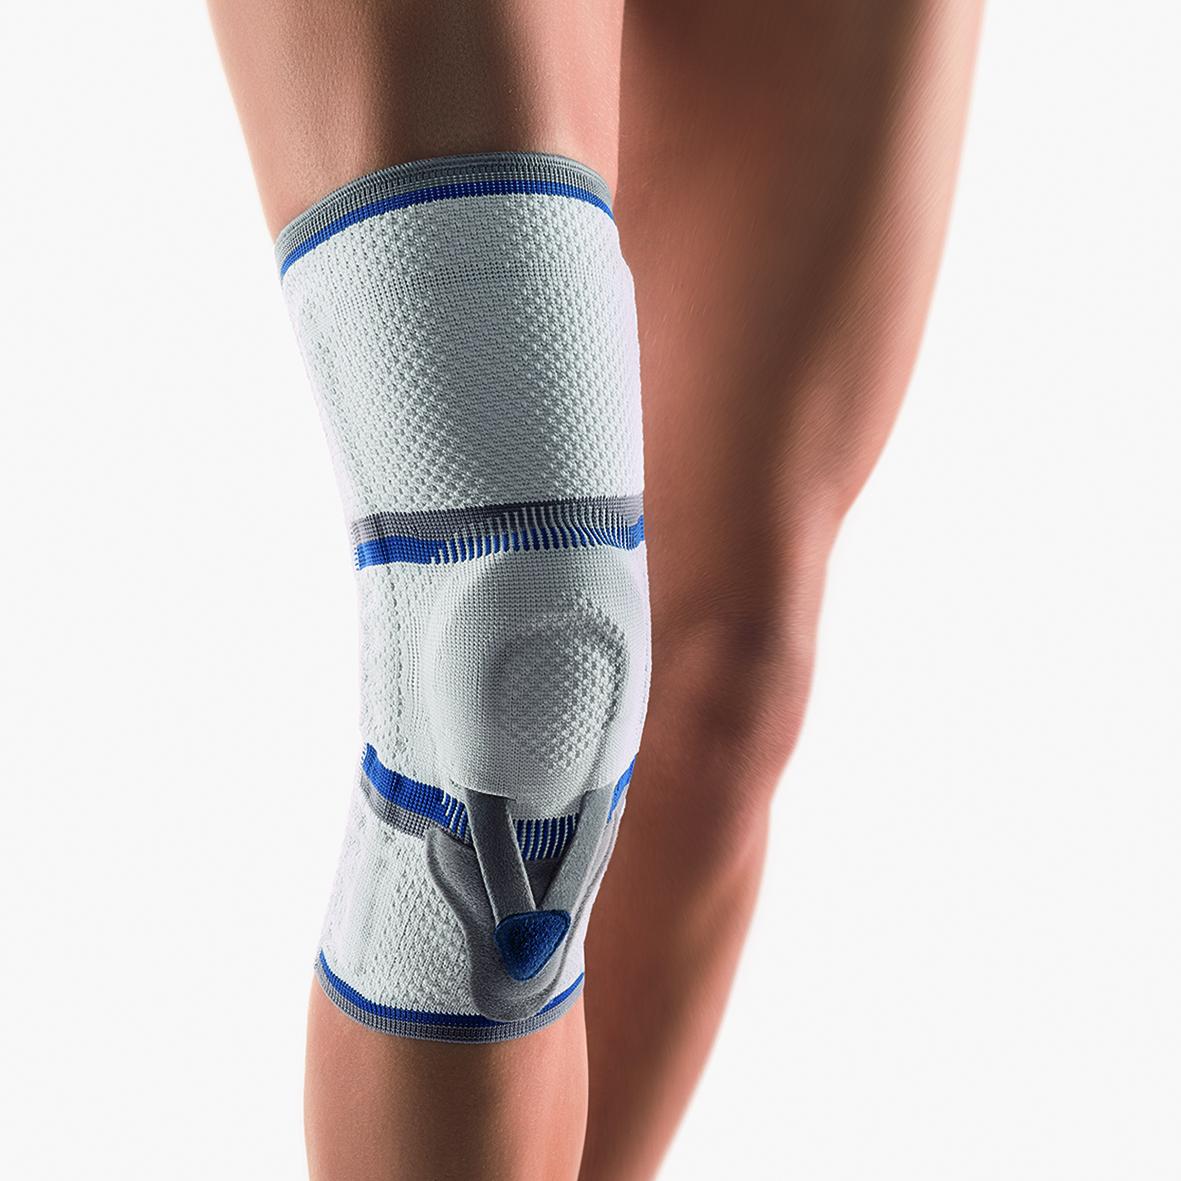 Bort Patellabandage bei Osgood-Schlatter Kniebandage mit spezieller Pelotte